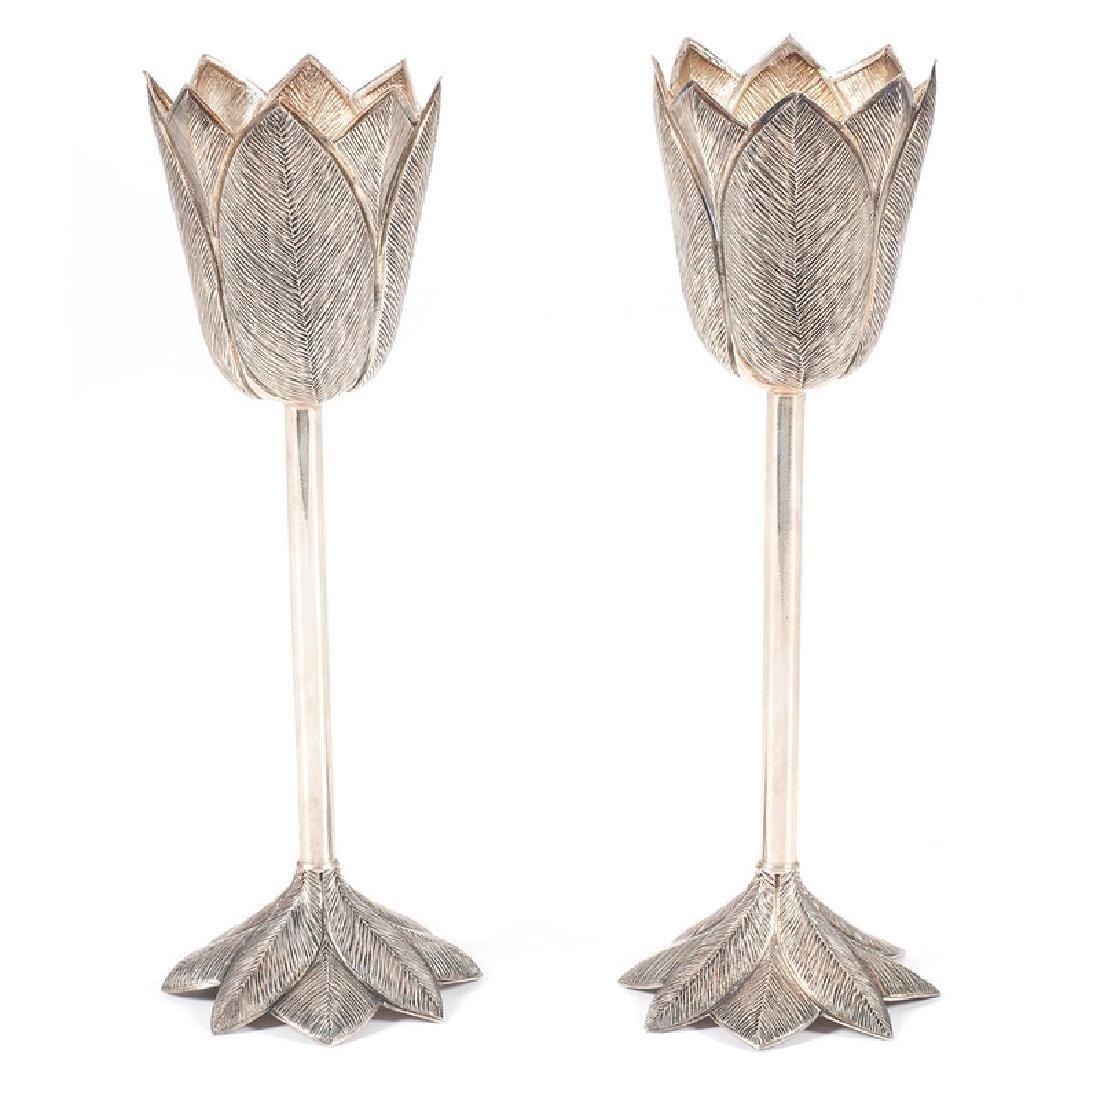 Urart Sterling Tulip Glasses